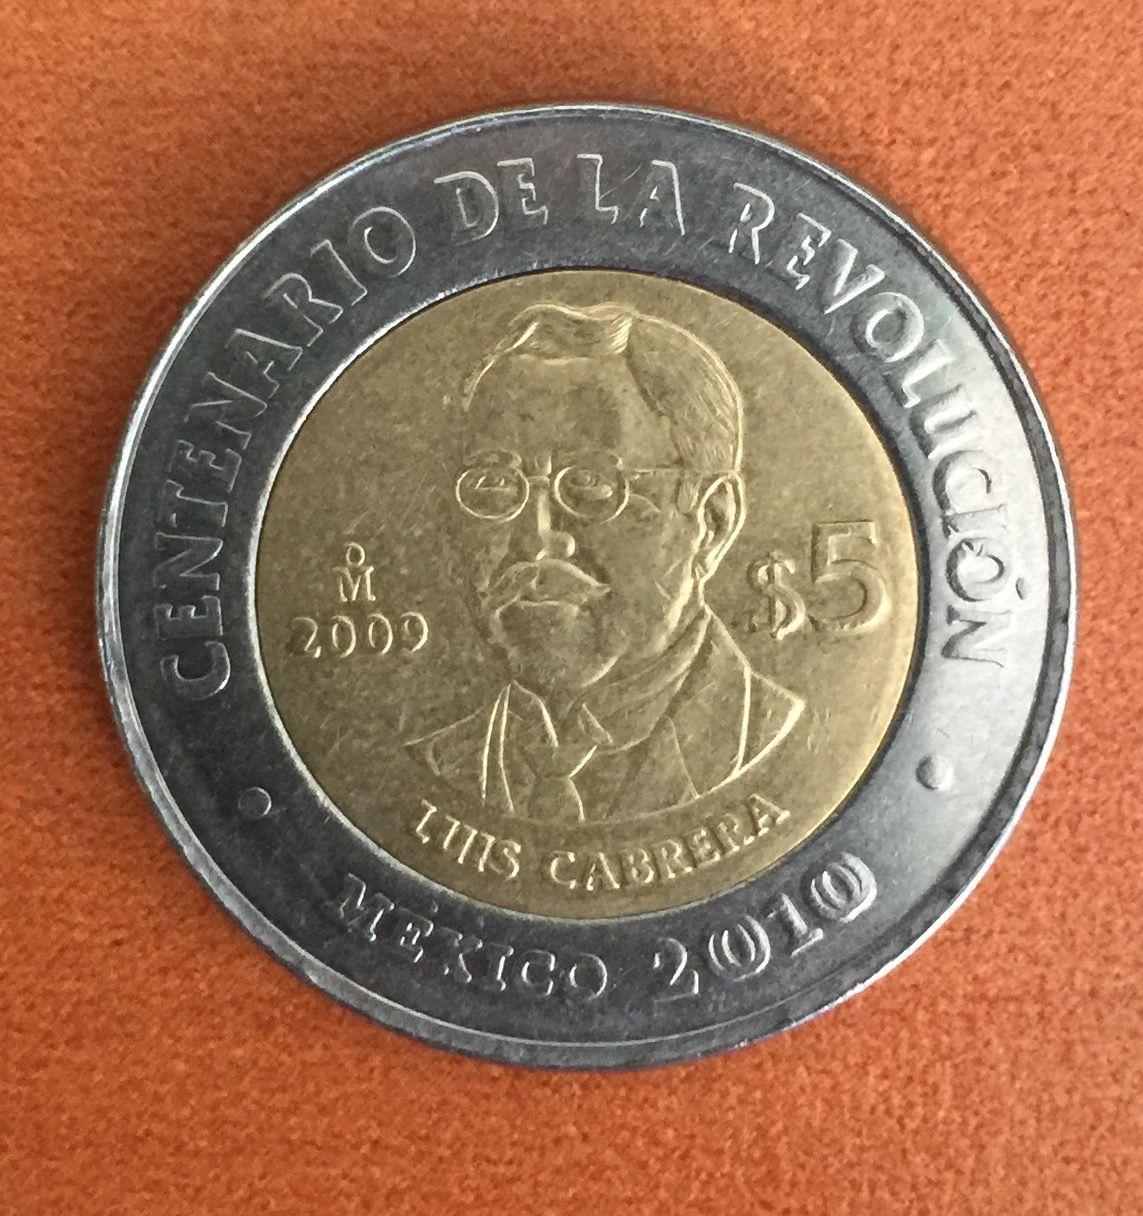 Luis Cabrera, Centenario de la revolución